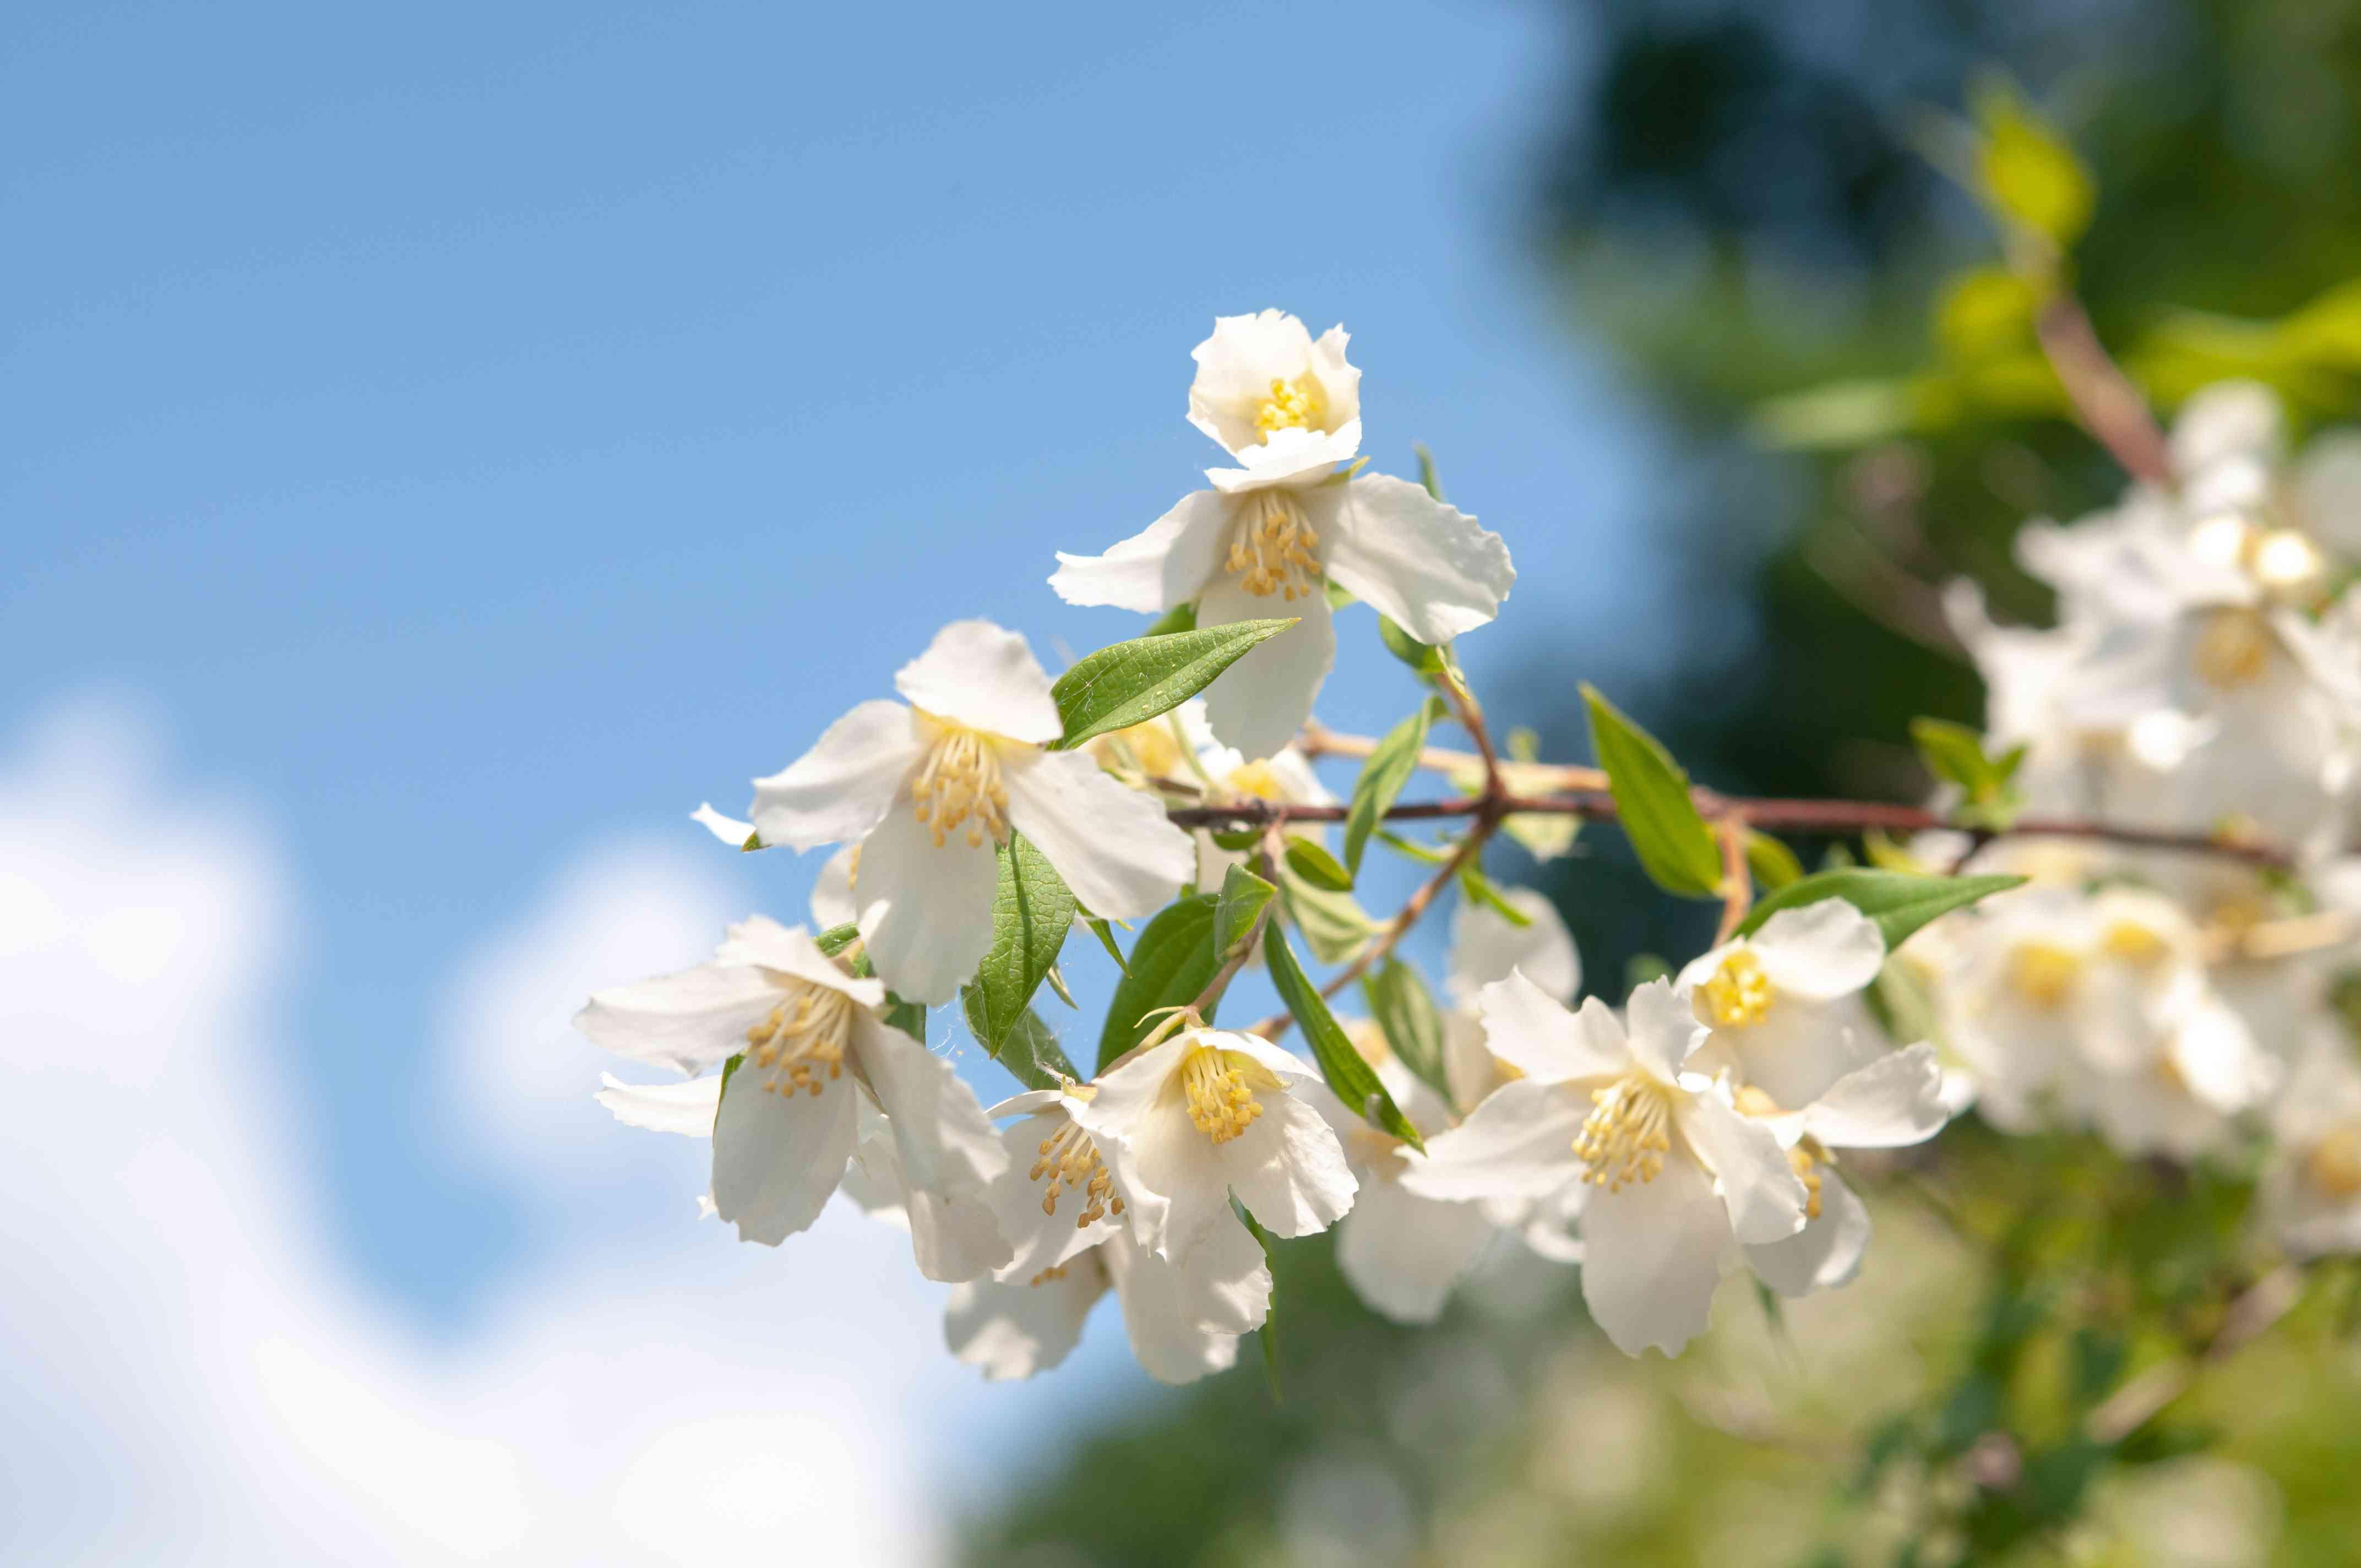 Mock orange shrub with white flowers in sunlight